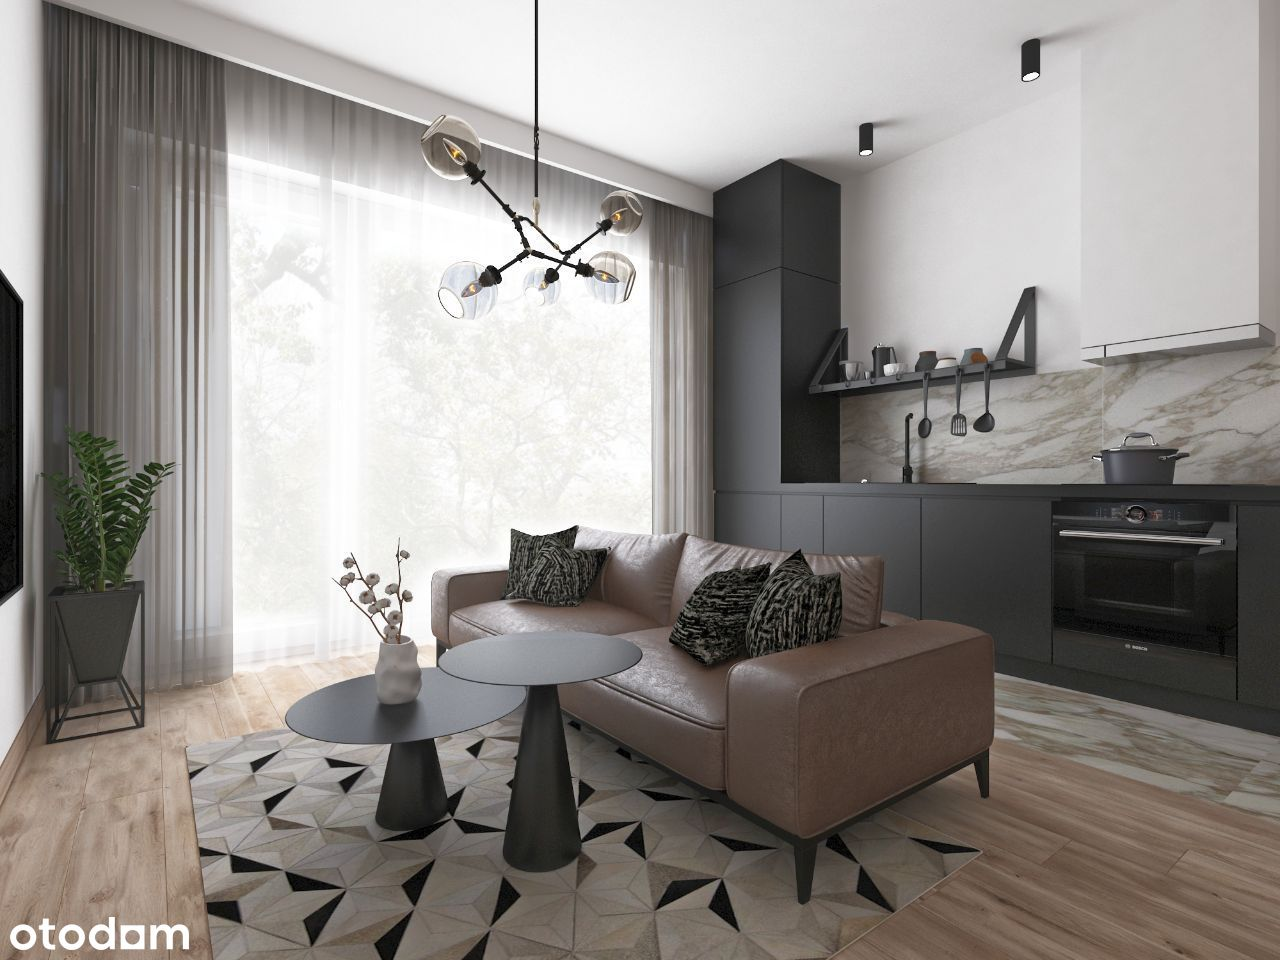 Apartament 3-pokojowy 53,06 m2 z dużym tarasem